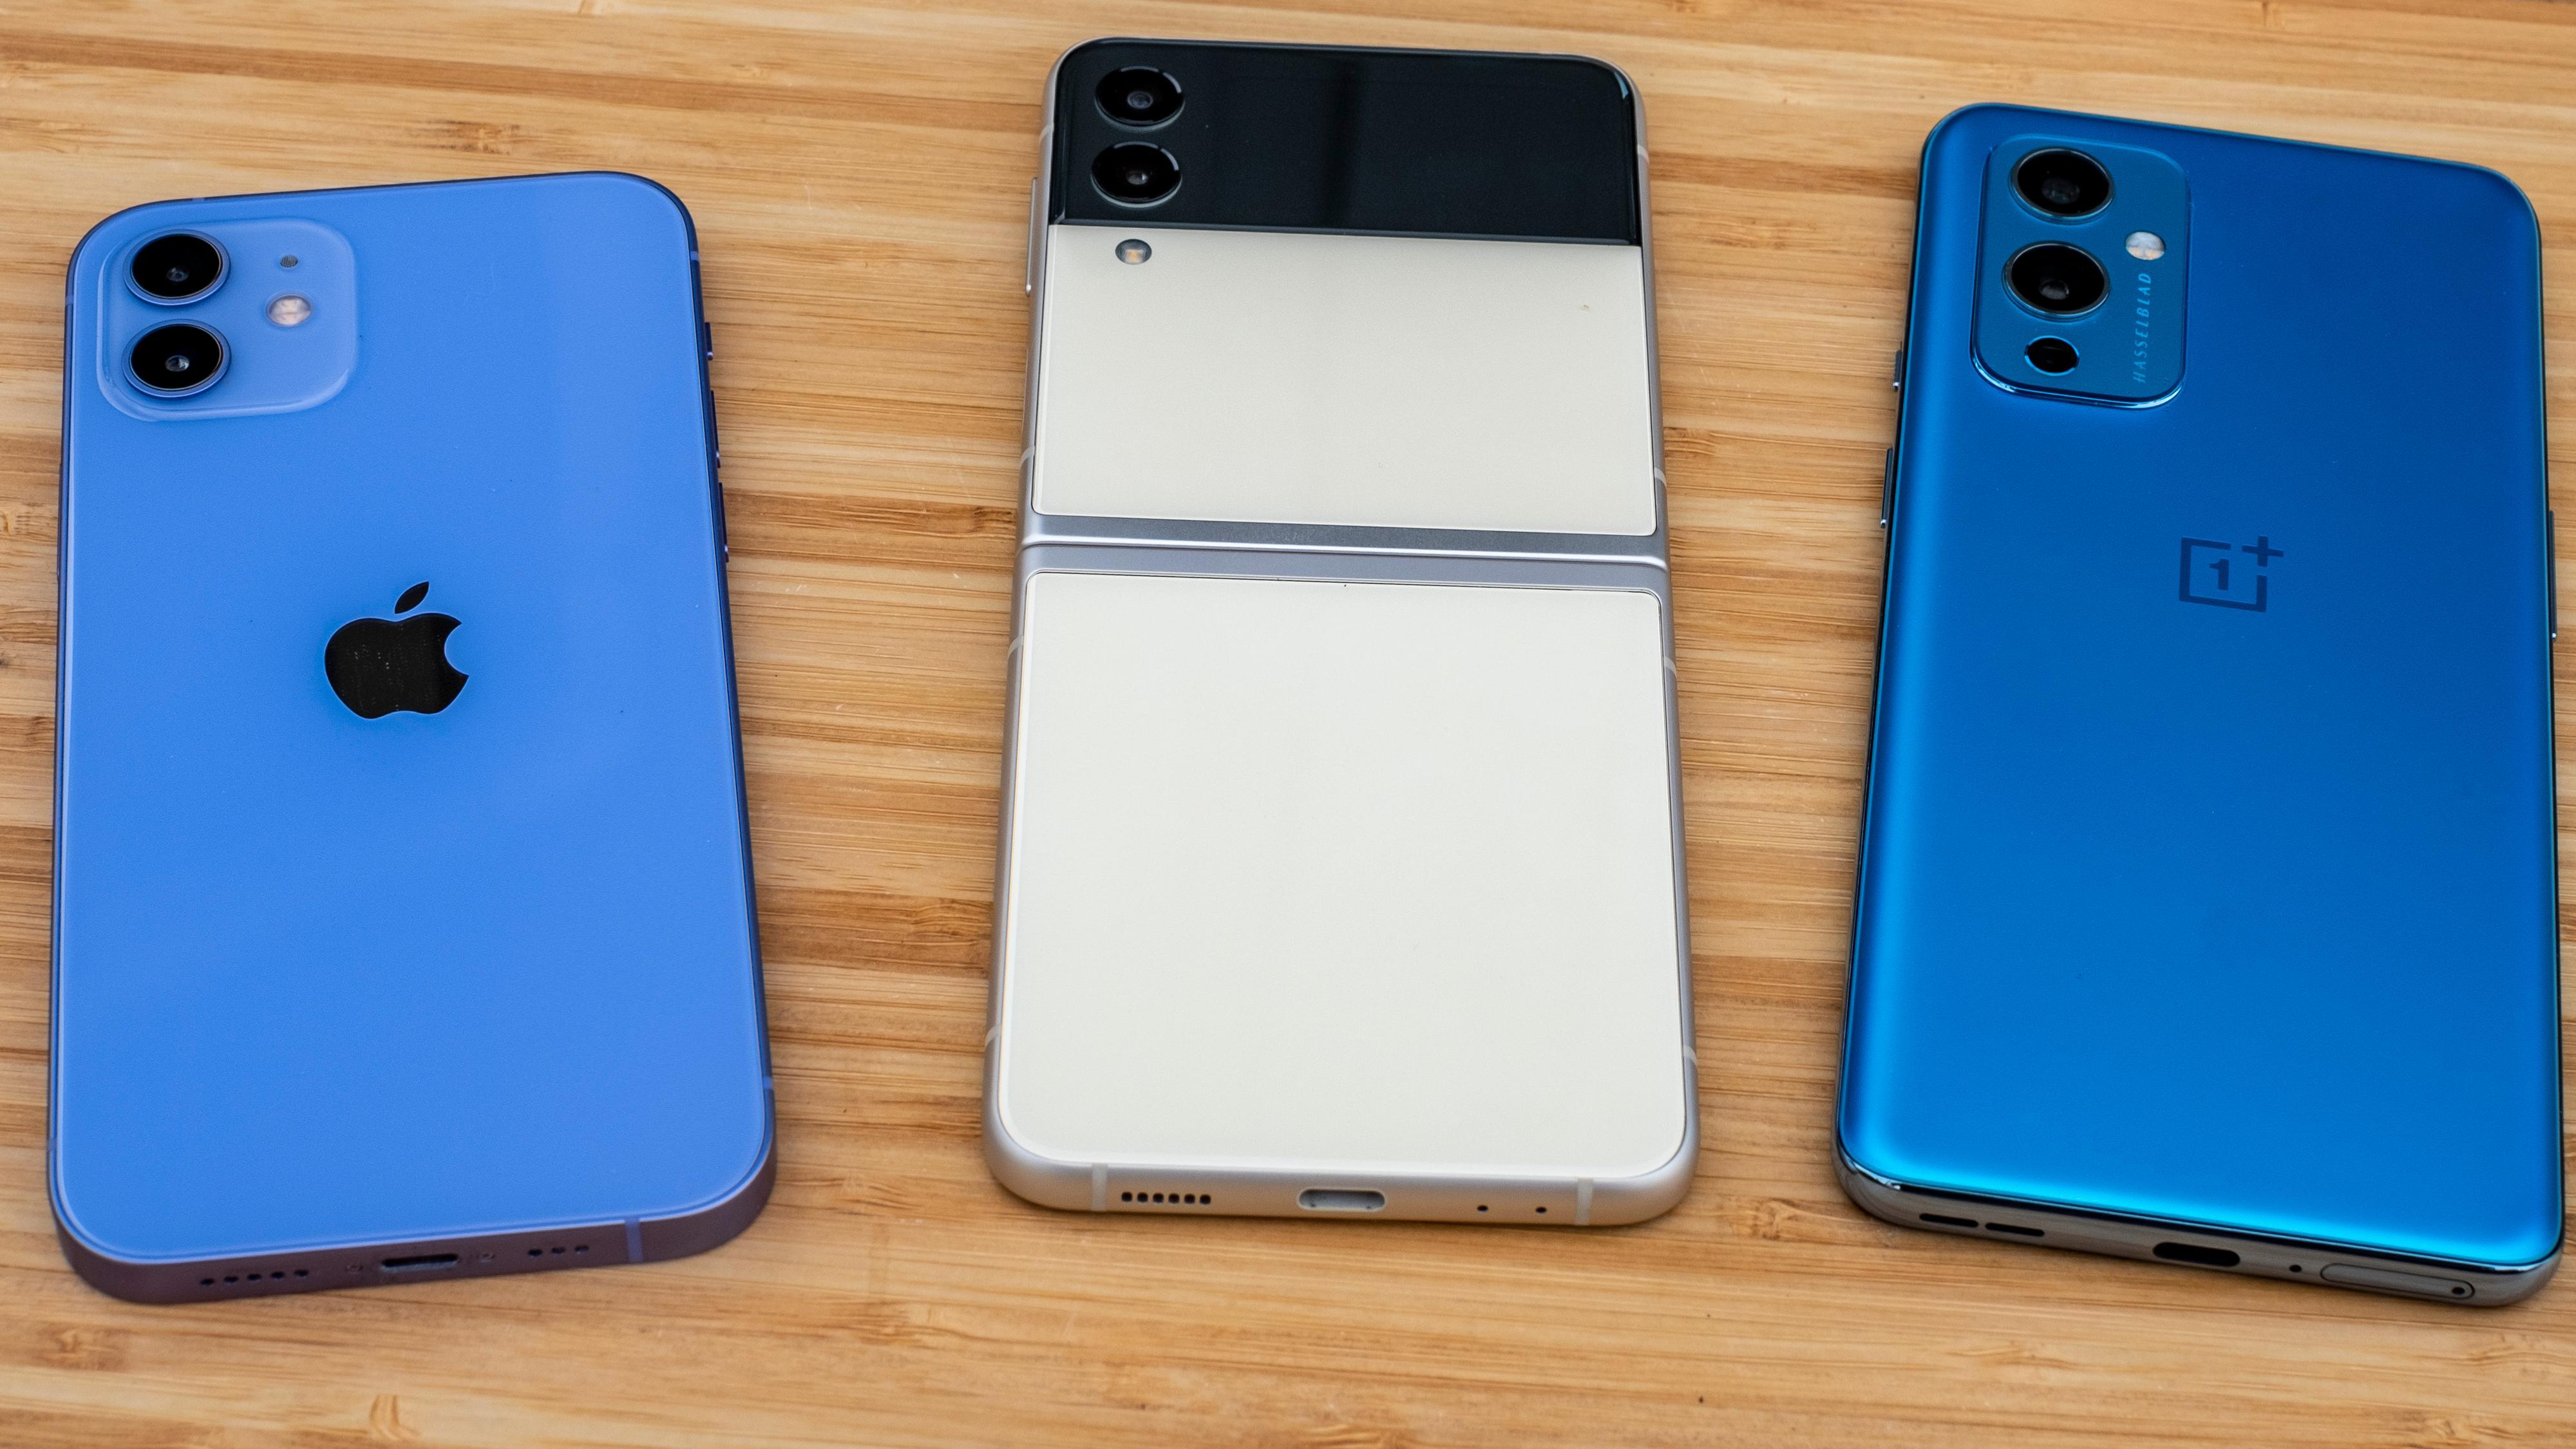 Utbrettet er den på størrelse med en vanlig mobil. Til venstre iPhone 12 i vanlig utgave - til høyre OnePlus 9 - den også i vanlig utgave. I midten Galaxy Z Flip 3.